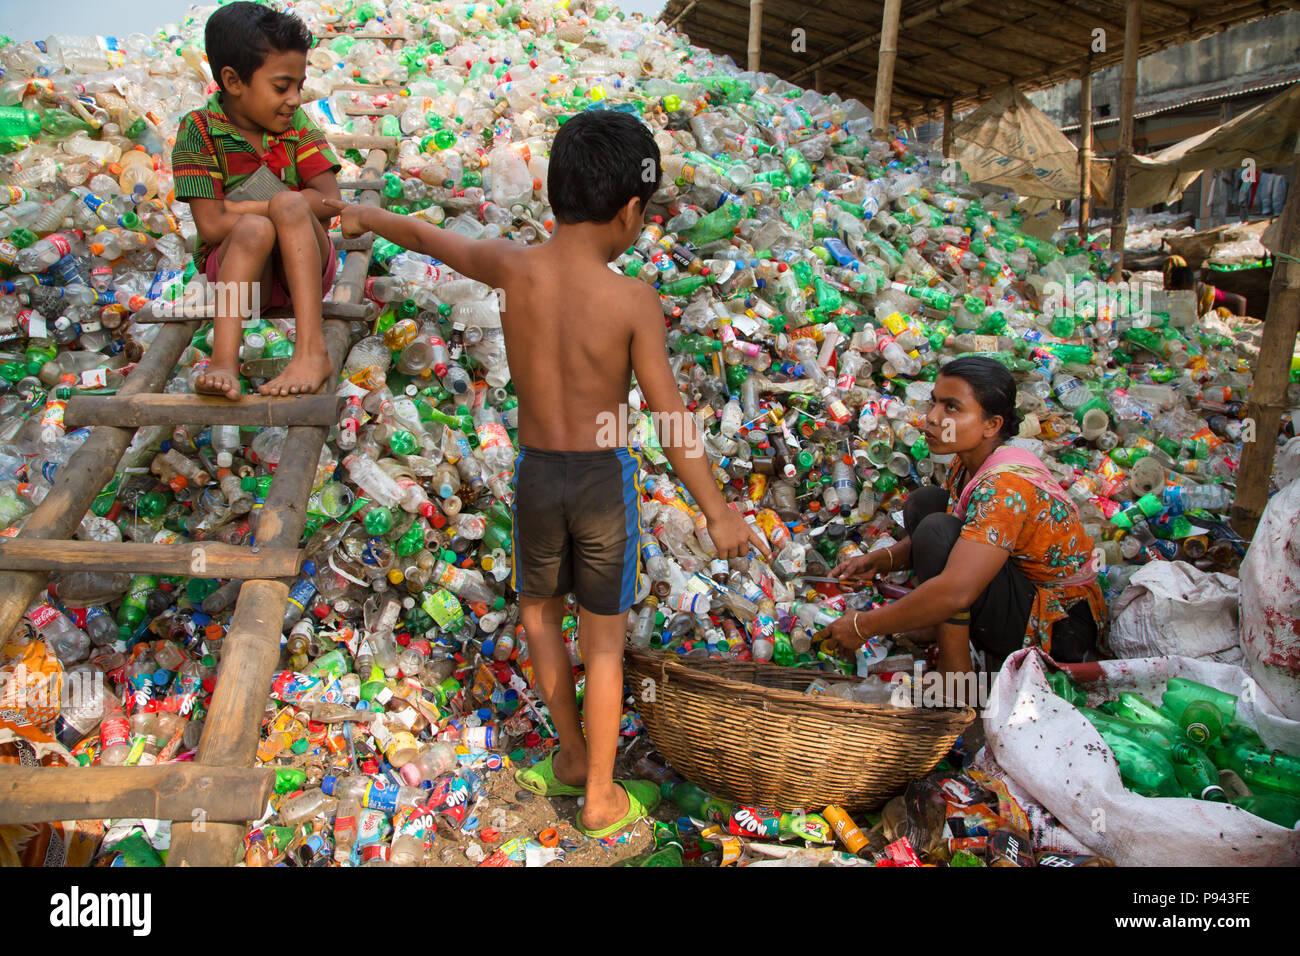 La madre lavora nel riciclaggio di plastica nella factory di Hazaribagh, Dacca in Bangladesh Immagini Stock